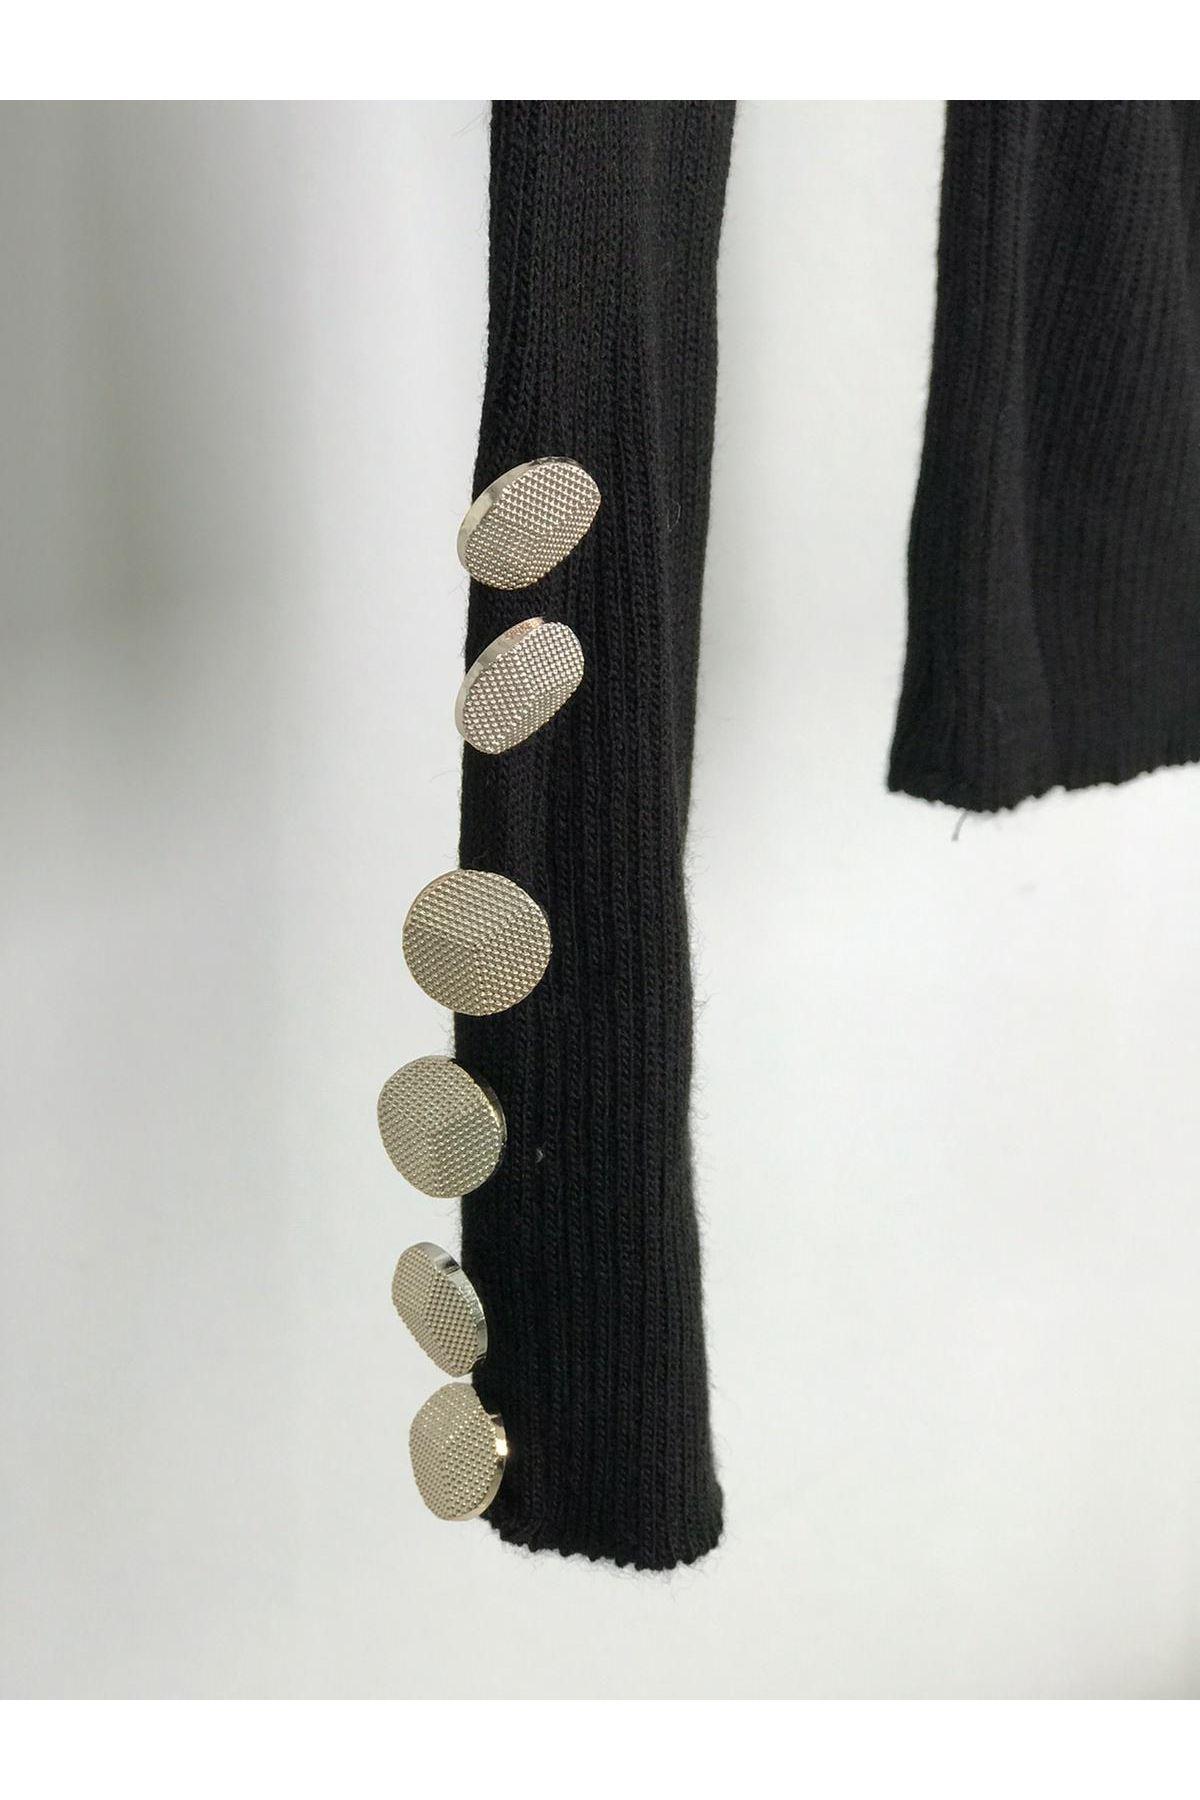 Kol ve omuz düğmeli boğazlı triko YSB152 SİYAH